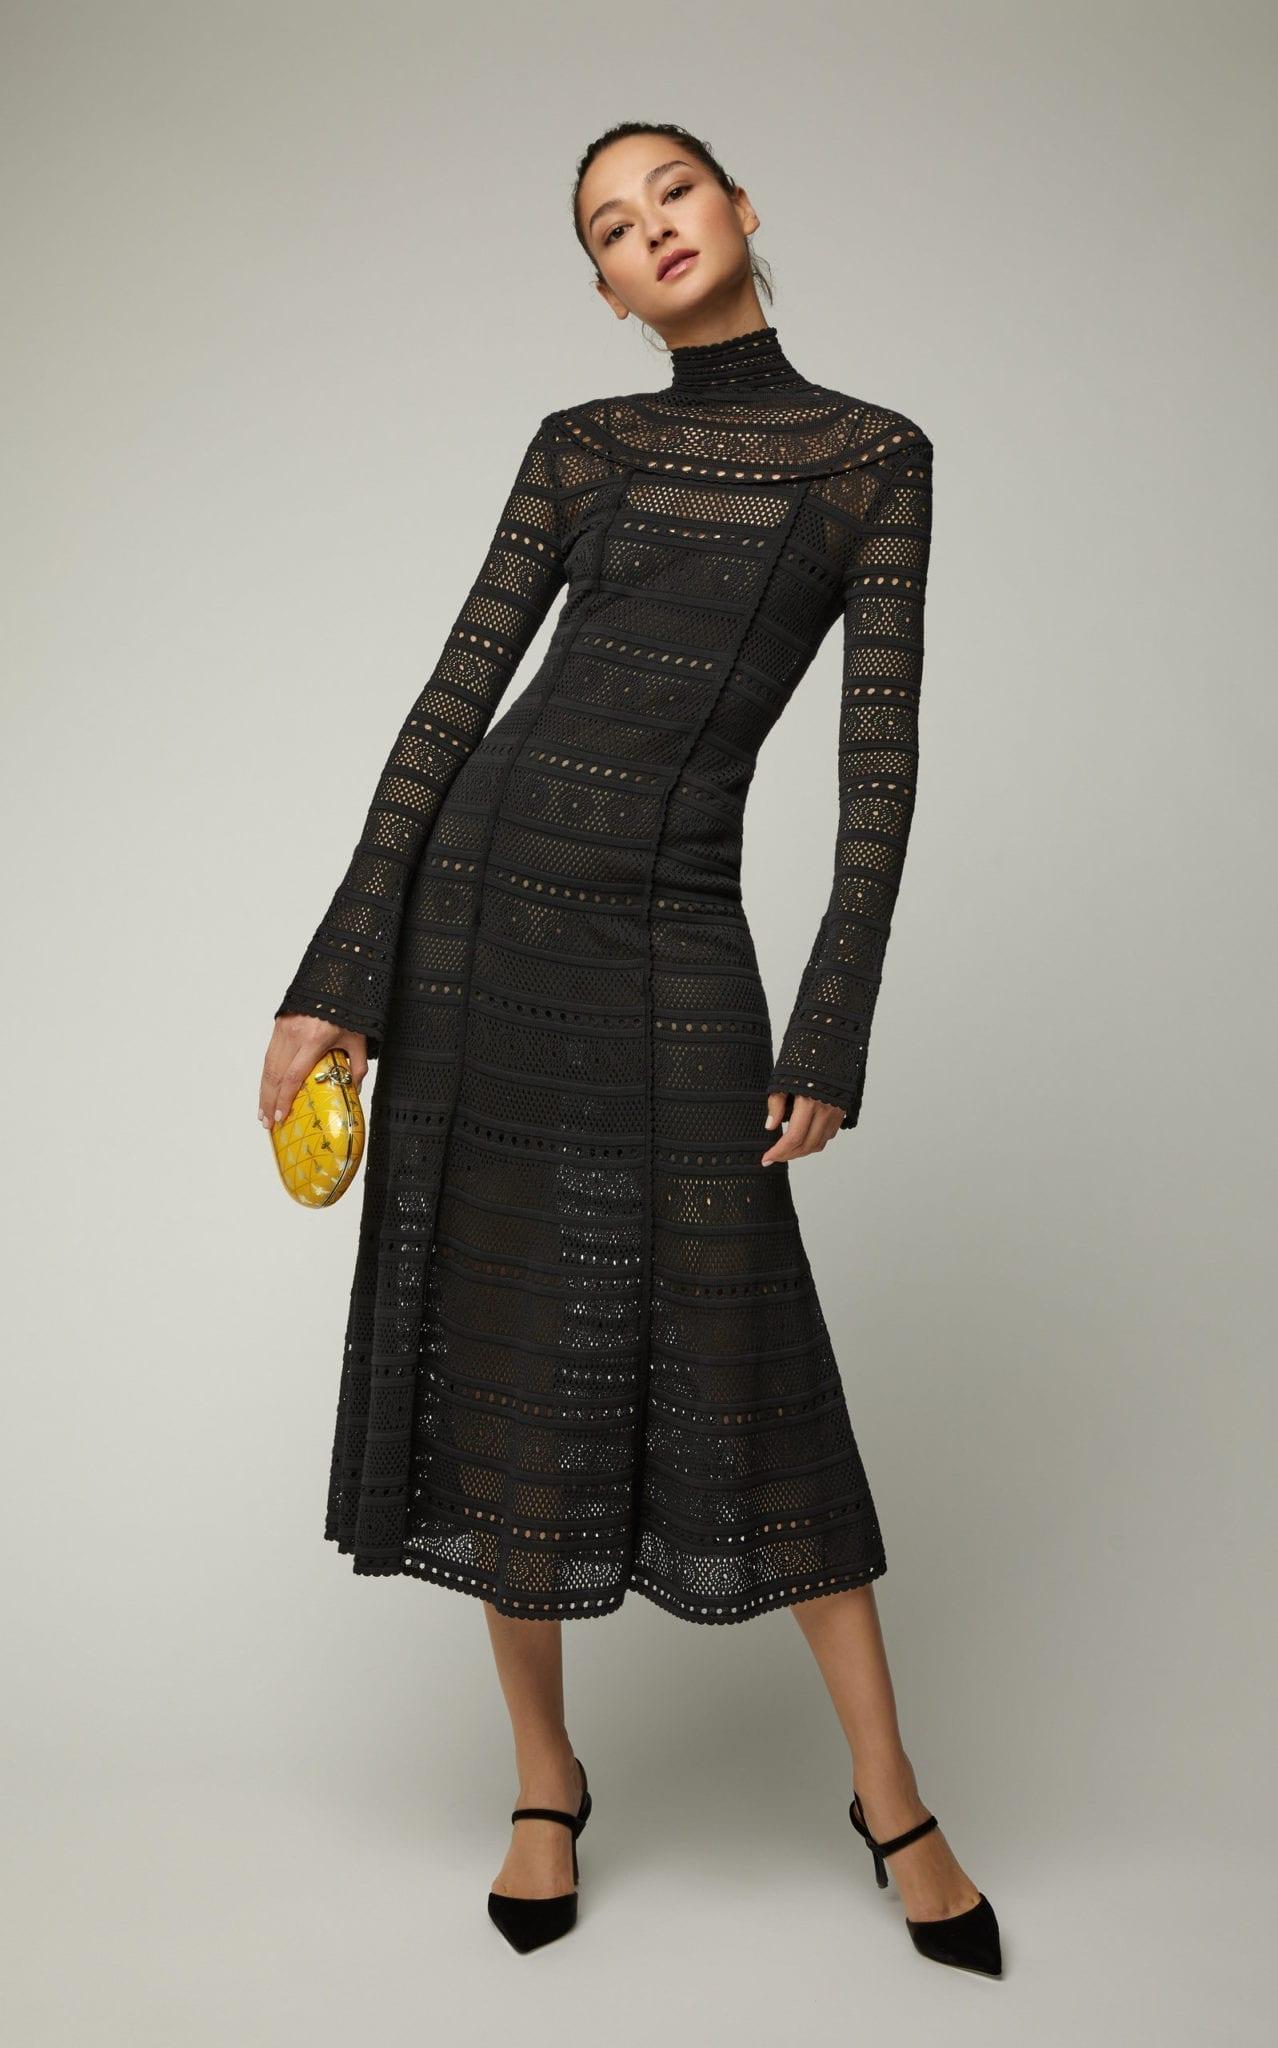 63989ab05d07 OSCAR DE LA RENTA Crochet-Knit Lace Turtleneck Black Dress - We ...